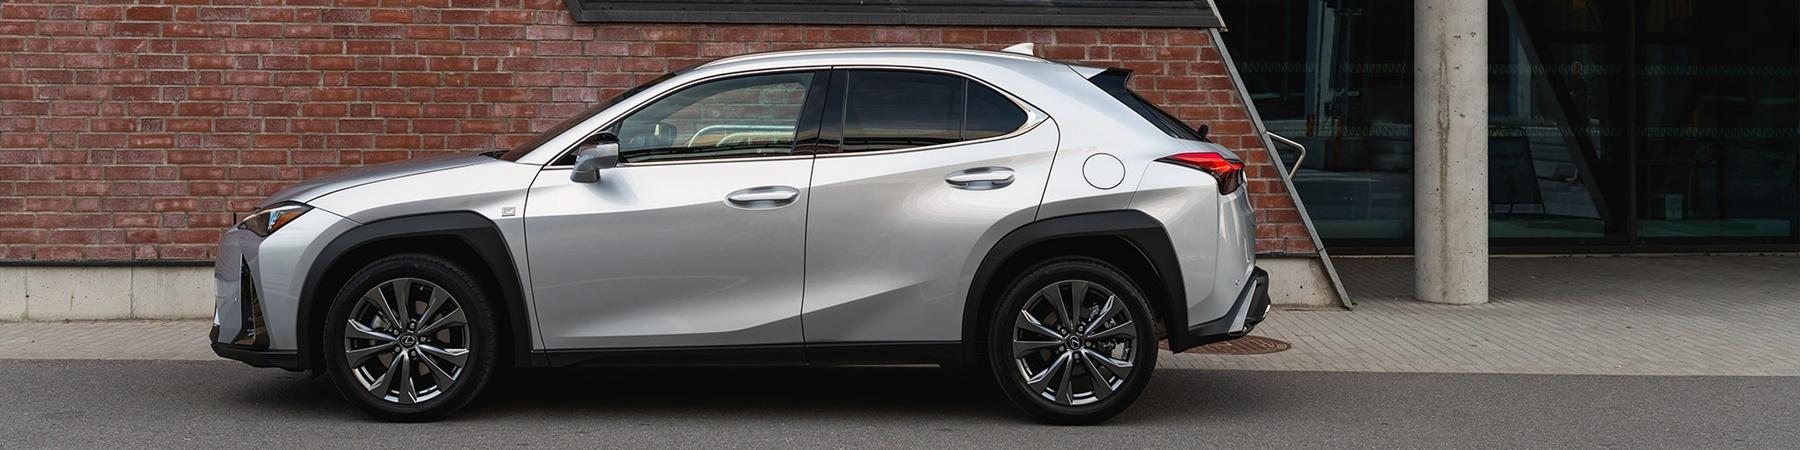 Lexus UX 54.3kWh 255 km actieradius